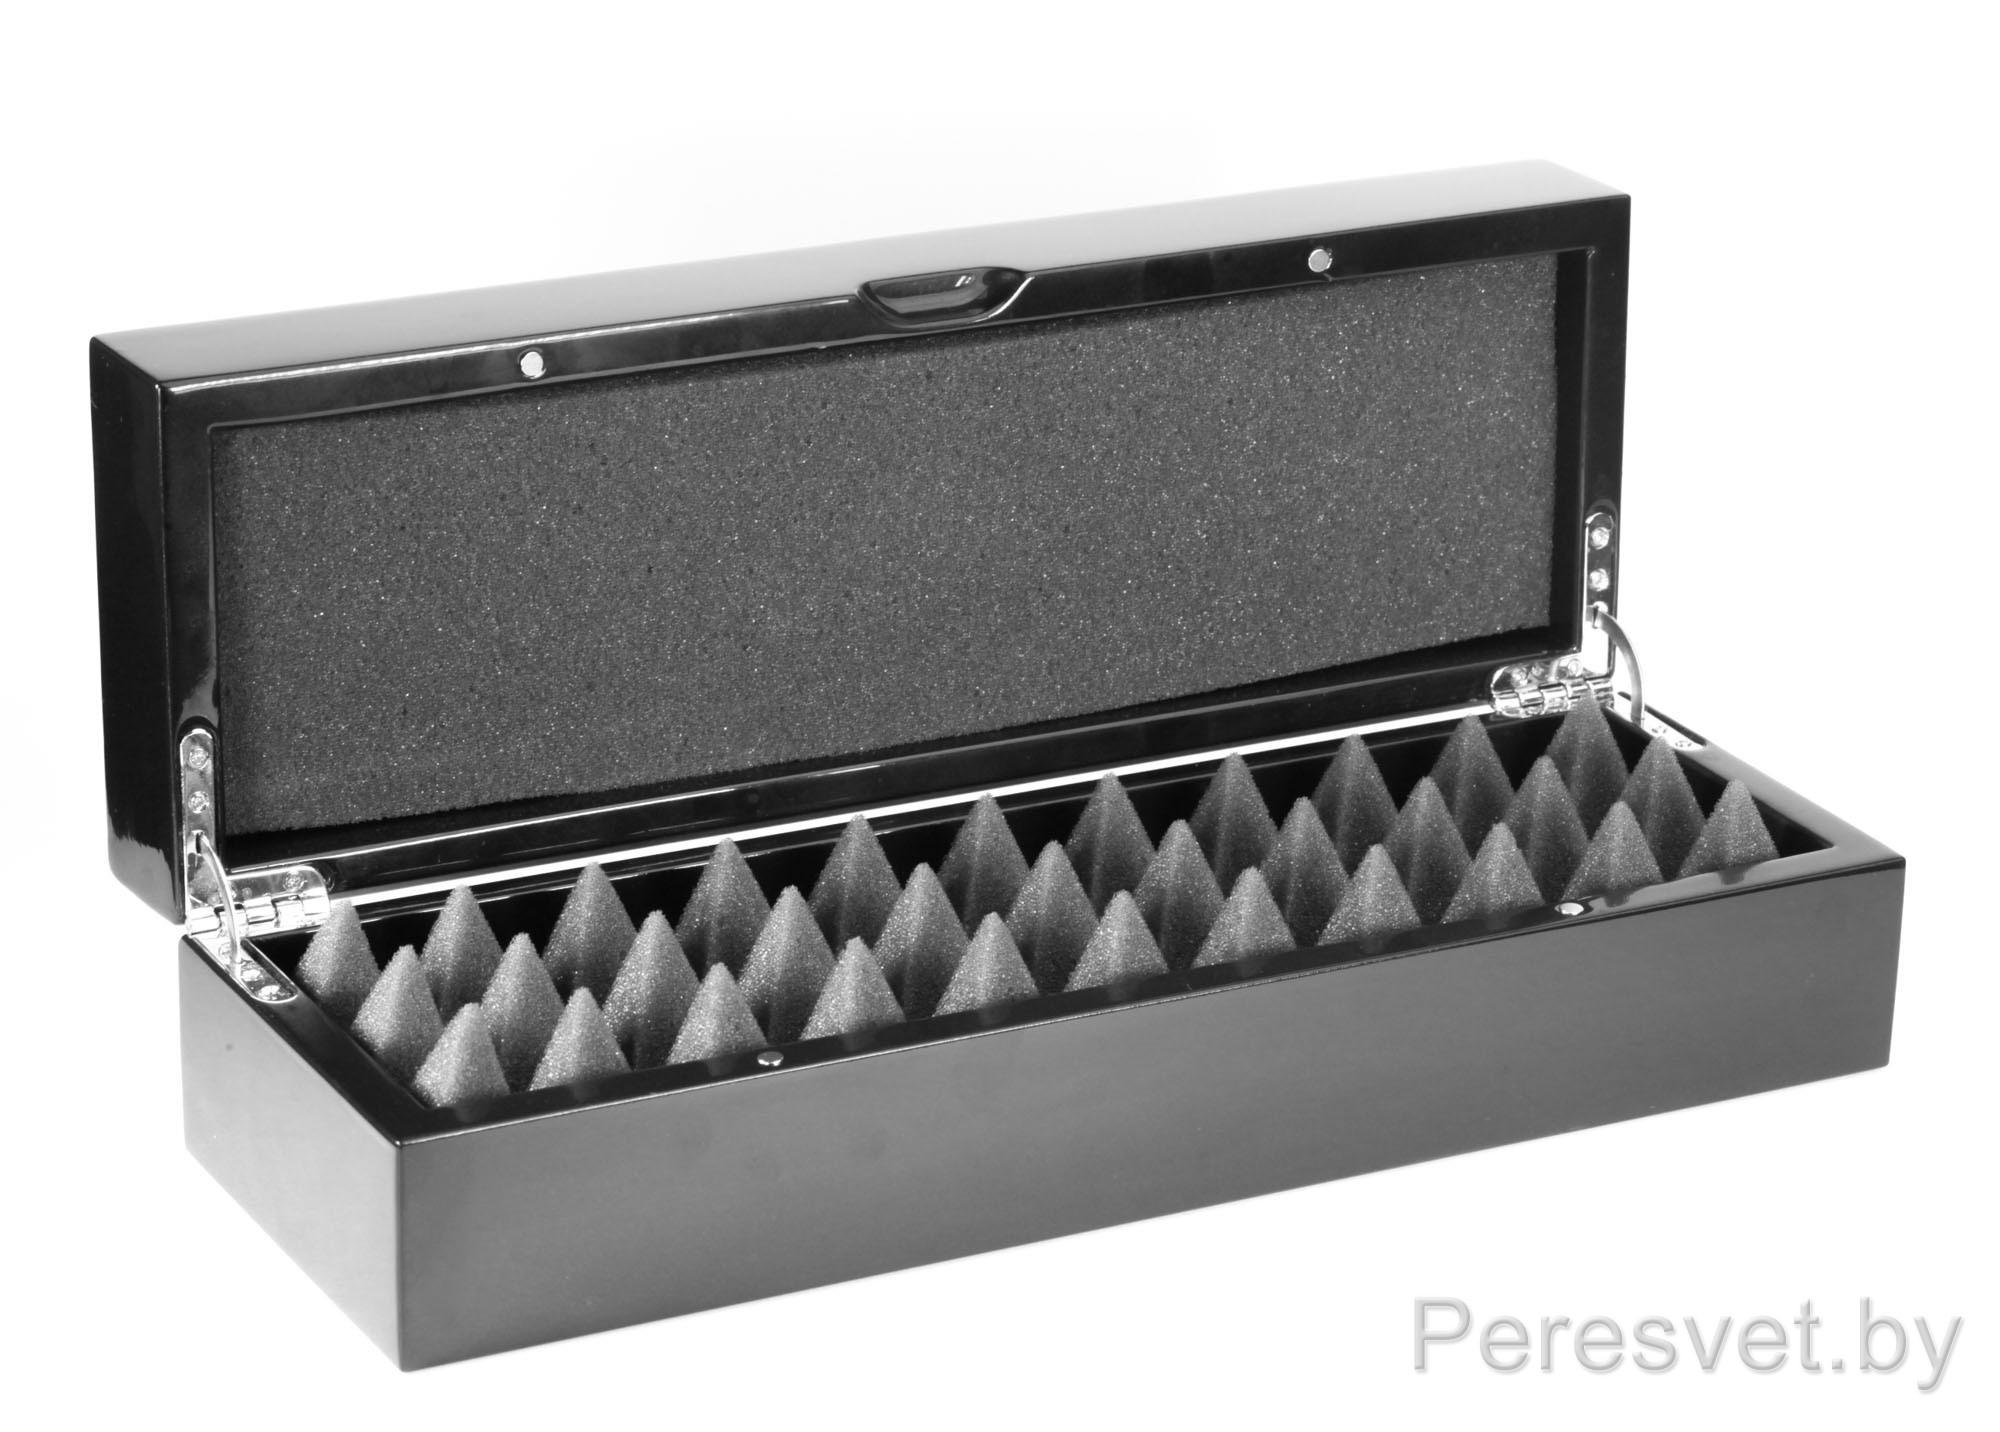 Упаковка подарочная из массива ольхи Петра под лаком с ложементом опт на peresvet.by